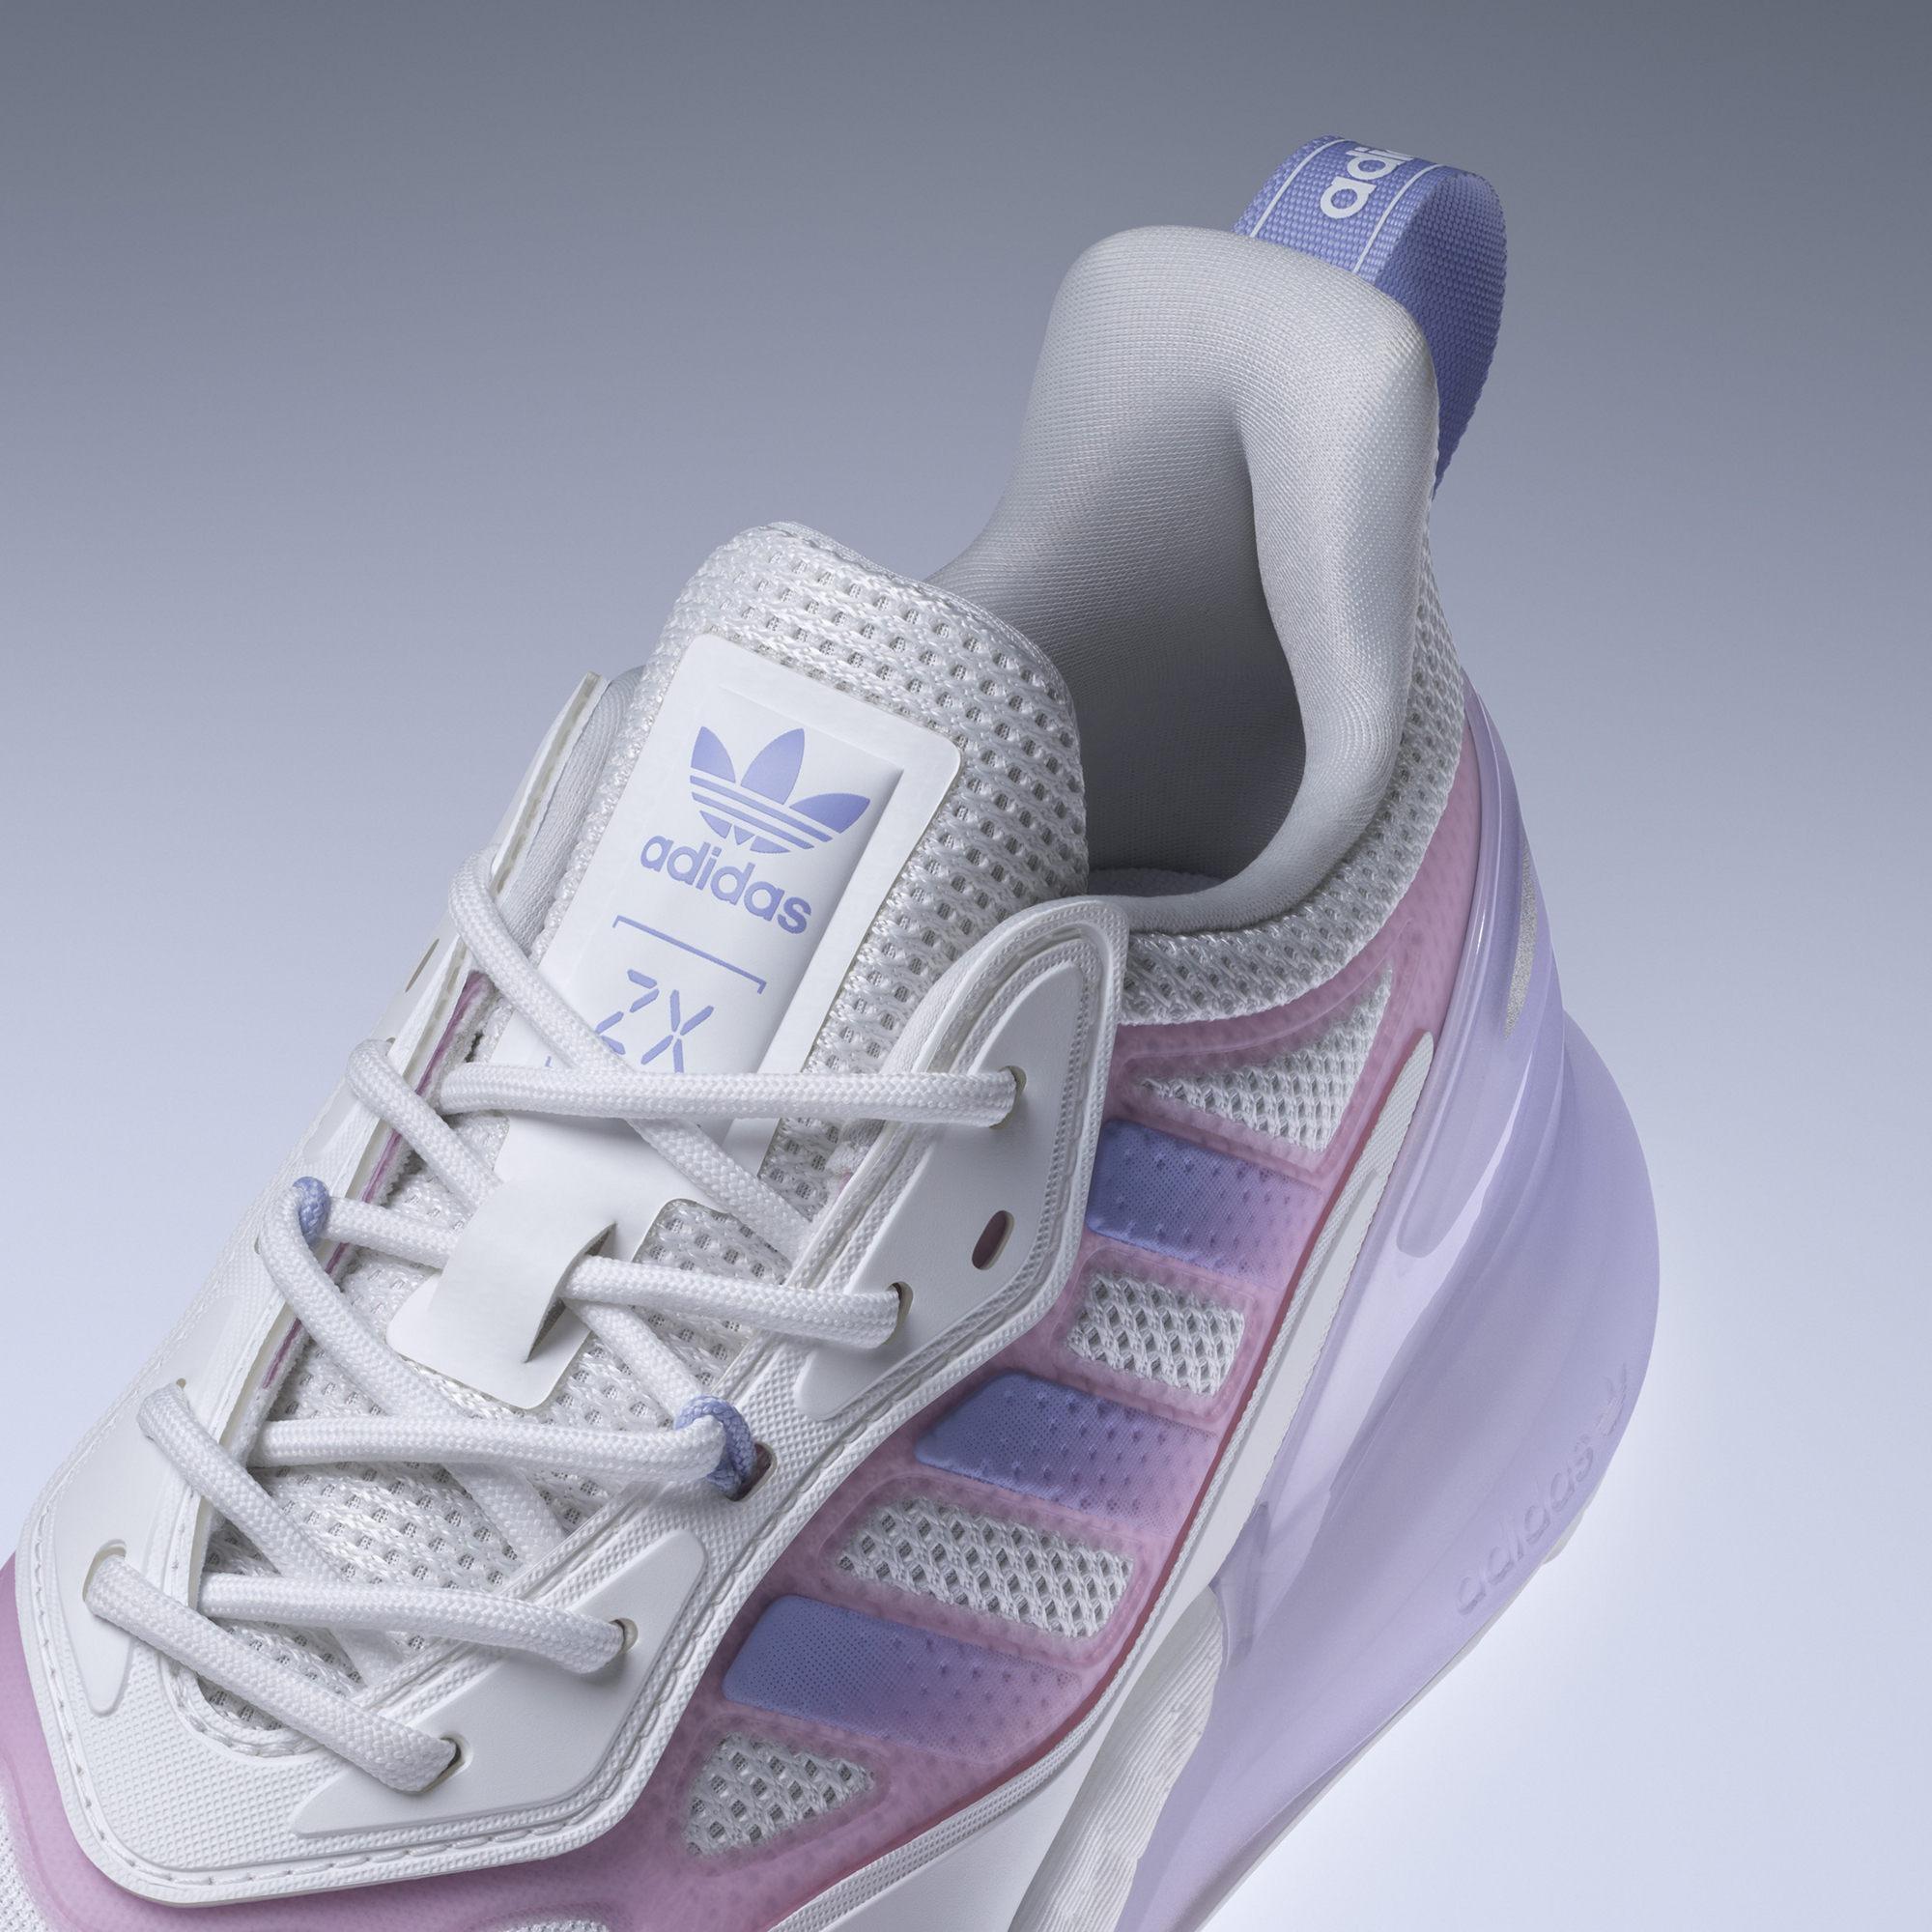 ADIDAS ZX 2K BOOST 2.0 W 女 休閒鞋 白紫